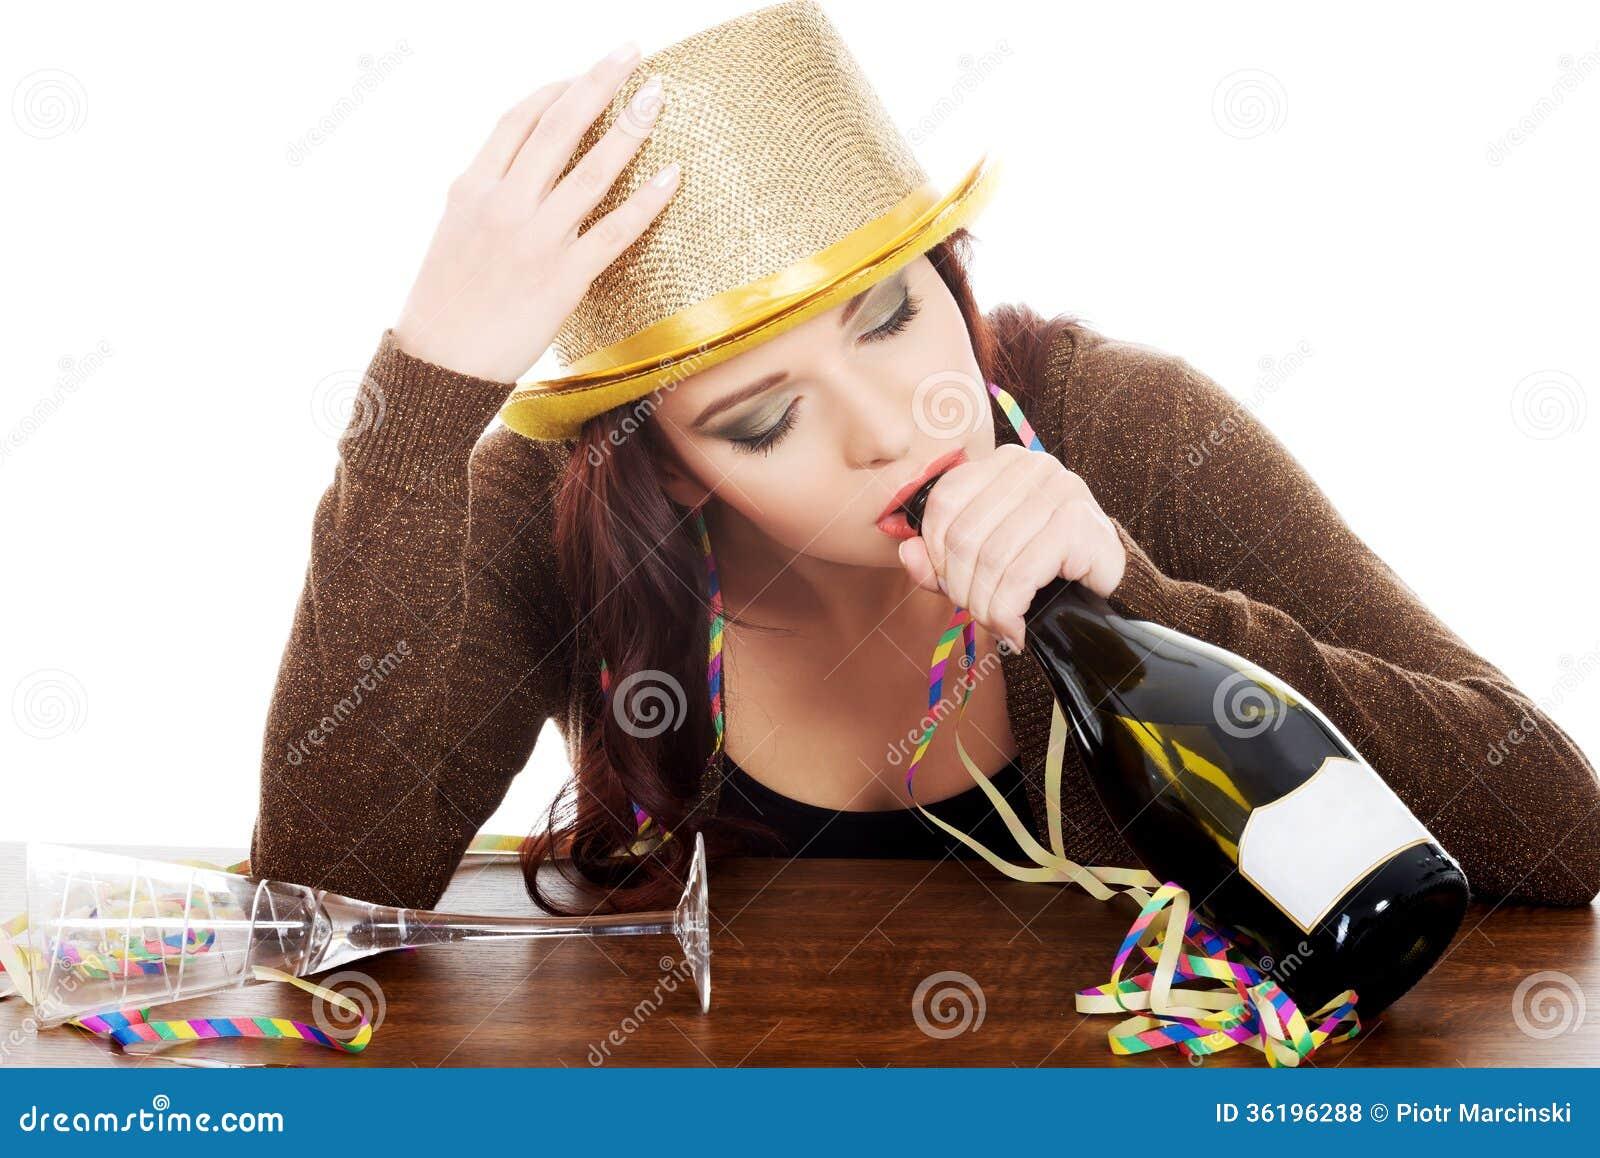 Смотреть фото пьяных женщин 1 фотография